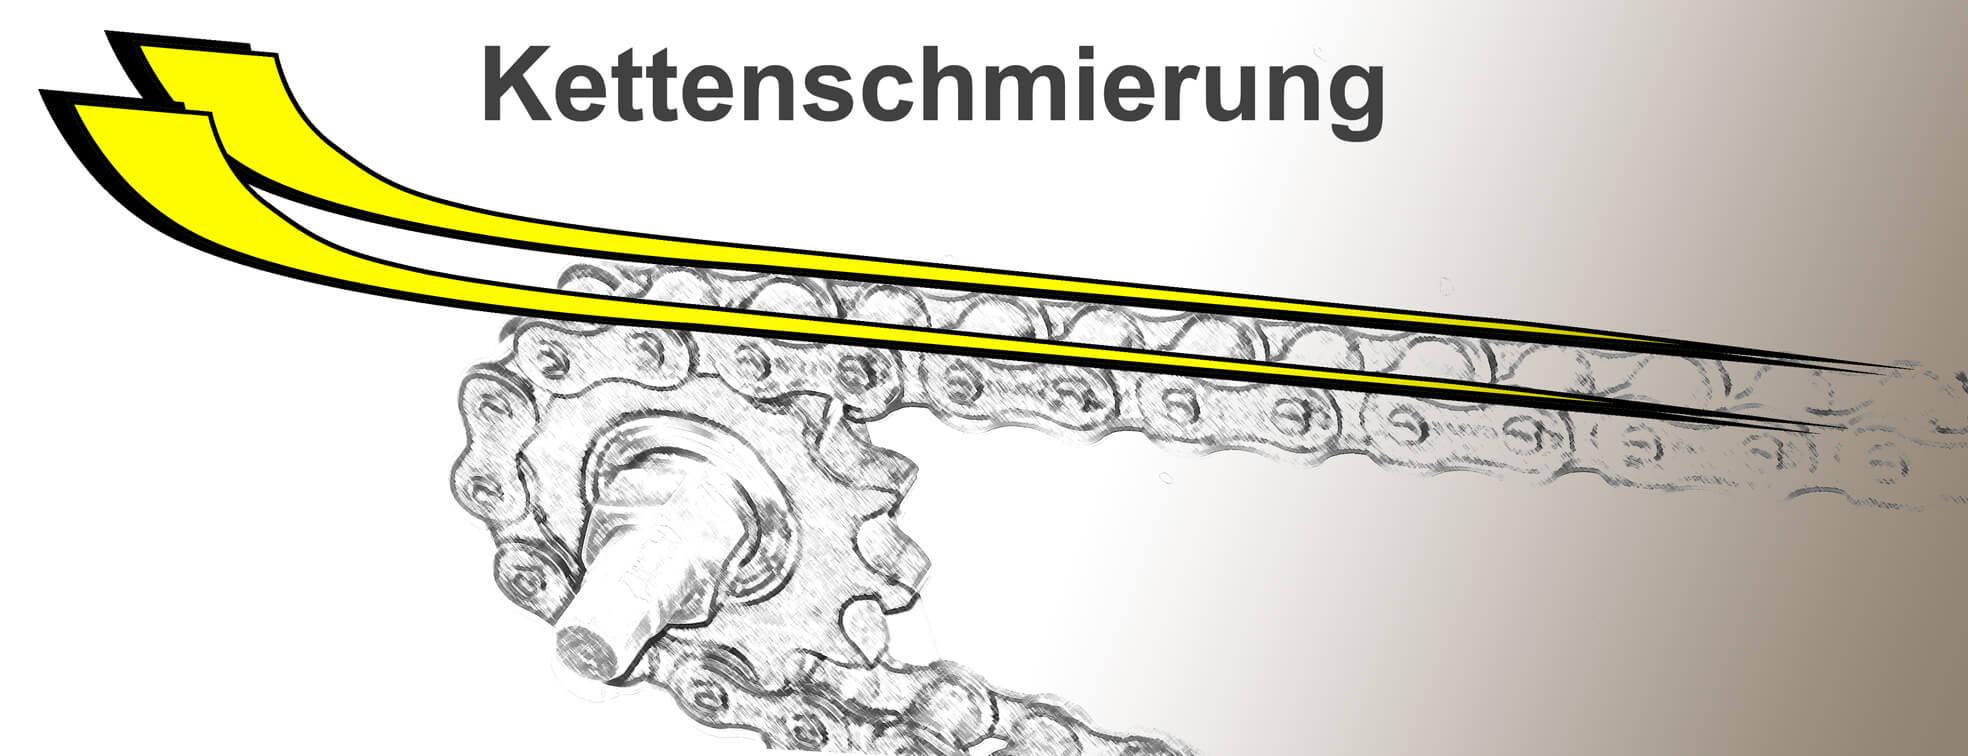 Kettenschmierung_Thema_04-M